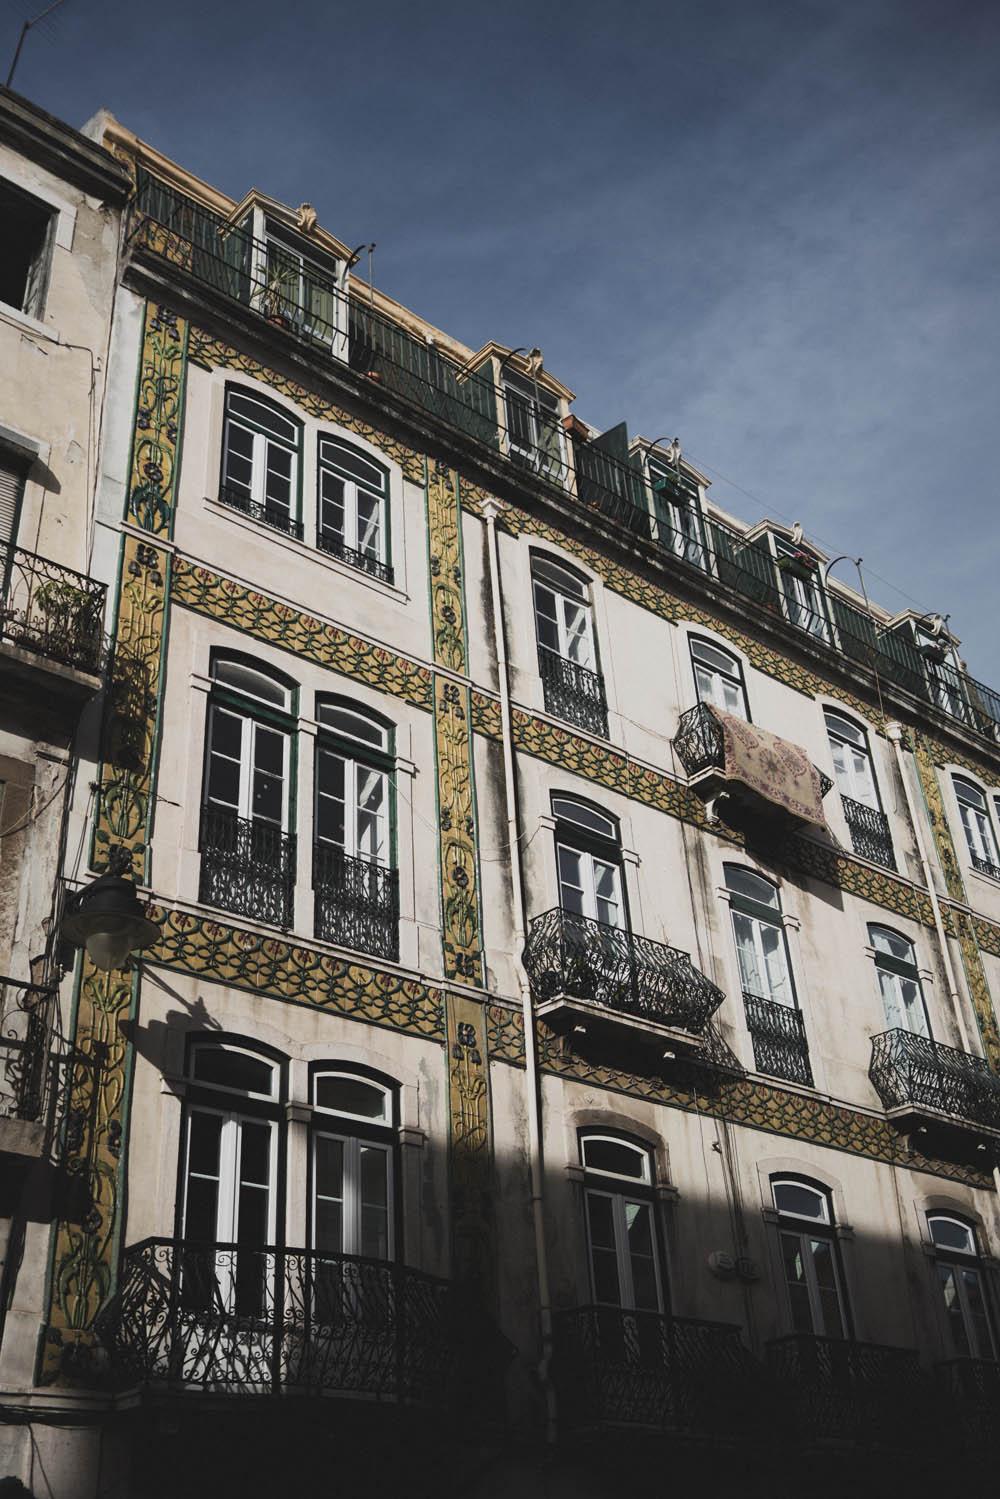 Alte Fassaden in Lissabon